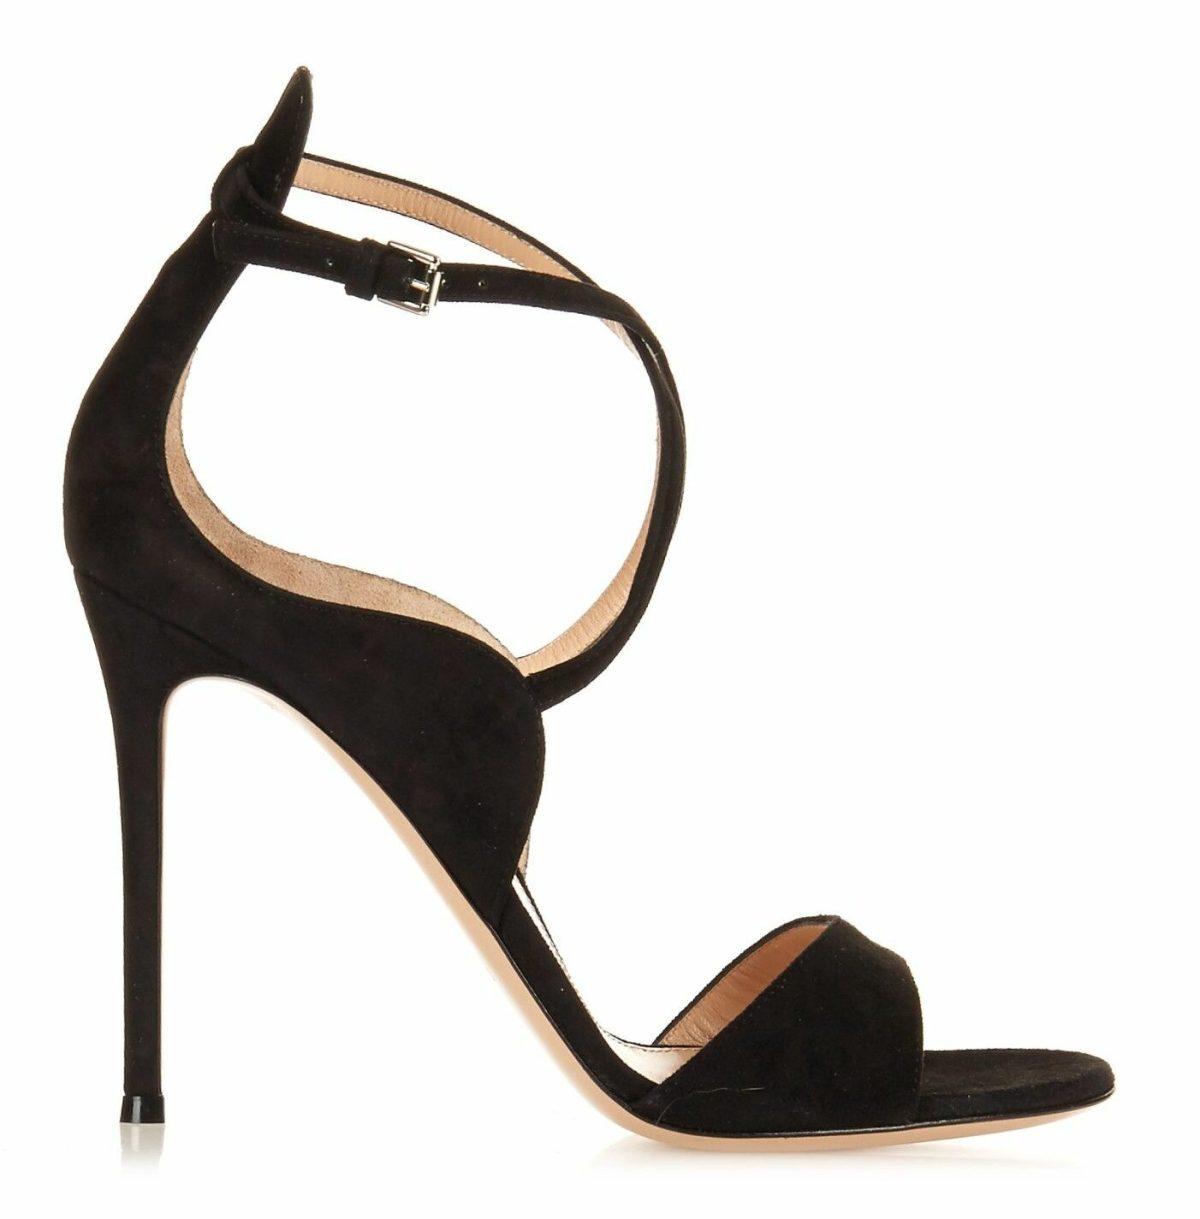 Gianvito Rossi 'Sisley' sandal